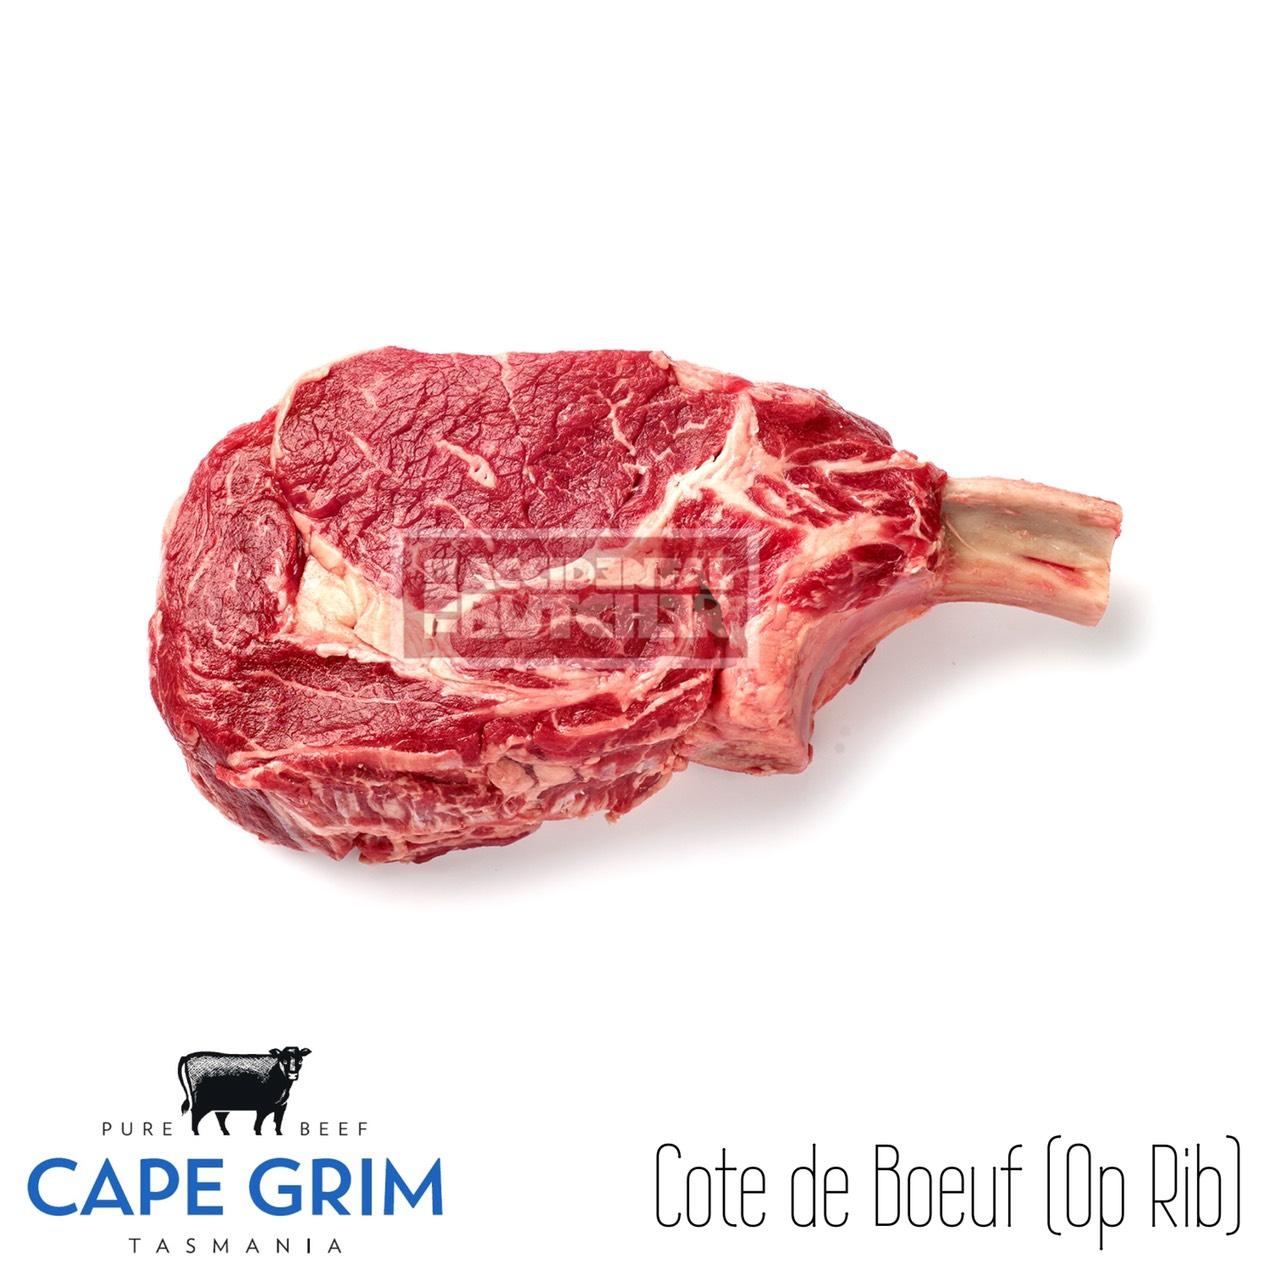 Cape Grim Cote de Boeuf